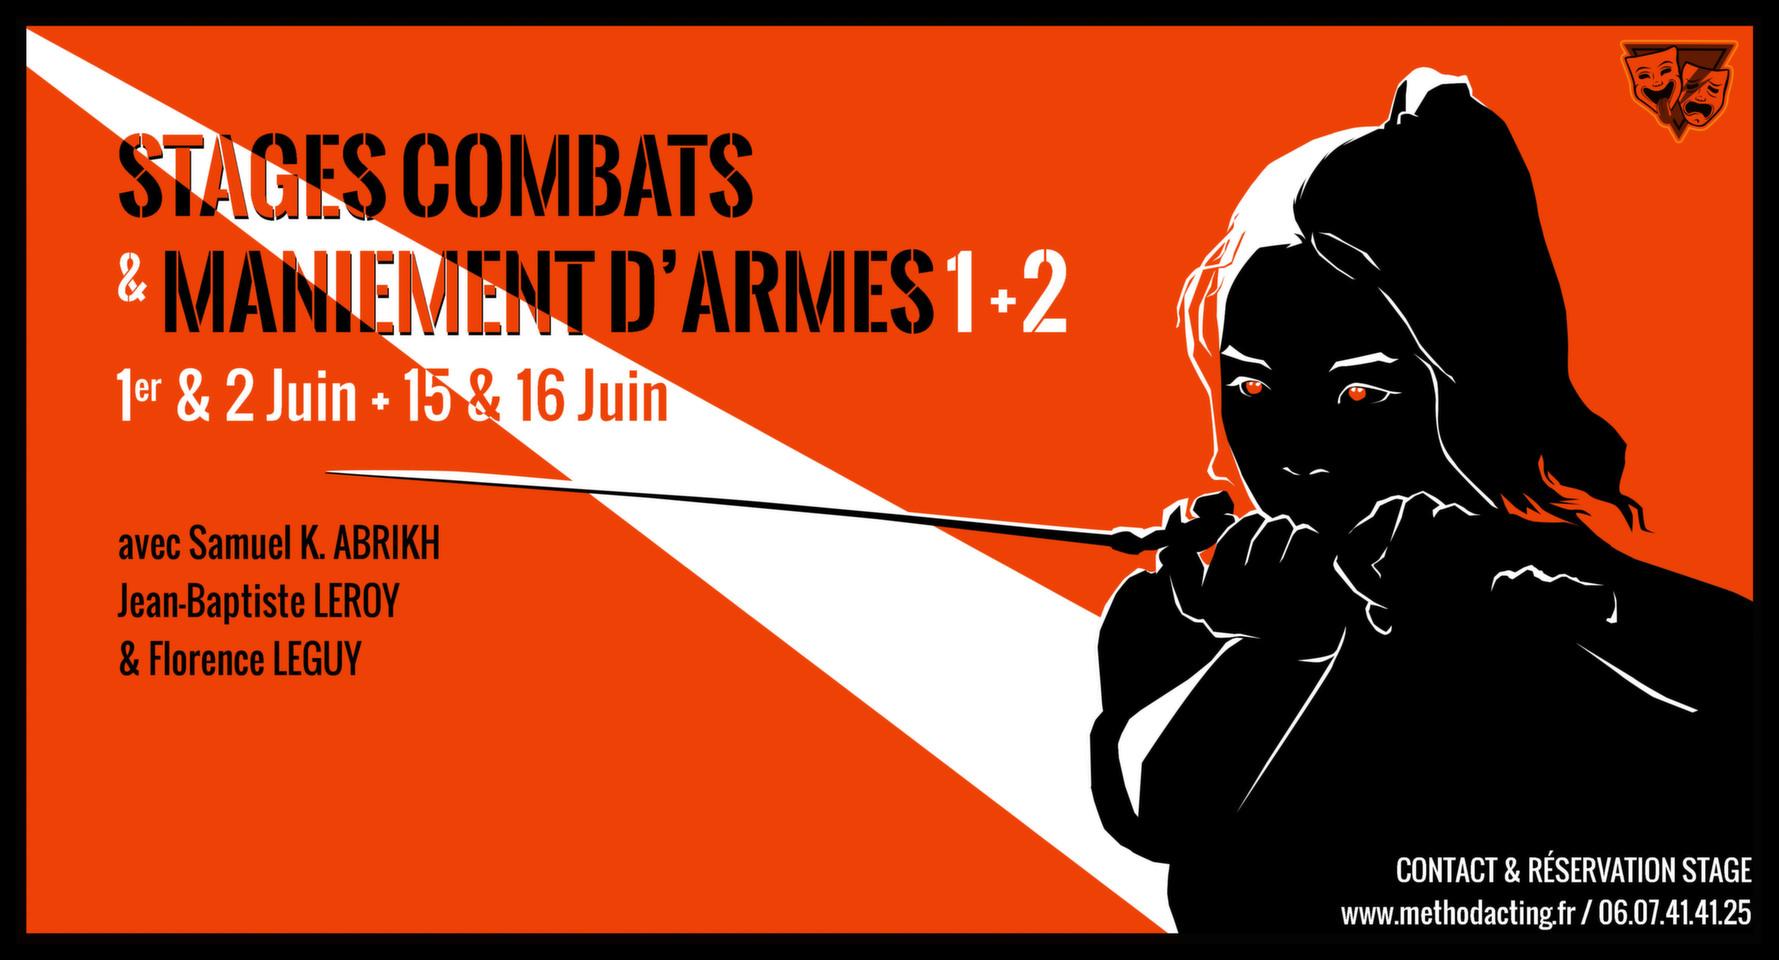 Stage Combats et Maniement d'armes 1 et 2<br />Method Acting Center, Stage complet sur 2 weekends<br /><br />WEEKENDS du 1er & 2 Juin 2019 + 15 & 16 Juin 2019<br />à Paris 1er, 17e et 10e<br />avec Samuel K. ABRIKH, Jean-Baptiste LEROY & Florence LEGUY<br /><br />Initiez-vous aux bases du combats à mains nues, au maniement d'armes et aux petites cascades. 2 weekends intensifs avec 3 experts du combat !<br /><br />Pour ce stage, une bonne forme physique est indispensable.<br /><br />OBJECTIFS de COMBATS & MANIEMENT D'ARMES 1<br />- Savoir se préparer physiquement avant un combat scénique<br />- Découvrir les bases du combat à mains nues, coups de poing avec des techniques de boxe anglaise et de Wing Chun, coups de pieds via le combat scénique<br />- Travailler des techniques de corps à corps, chutes liées au combat (étranglement, clefs de bras, mains, jambes, chevilles par des mouvements dérivés du catch)<br />- Travailler plusieurs situations de combats scéniques, enchaînement de coups, à deux ou à plusieurs<br />- Apprendre à s'approprier l'espace de la scène<br />- Comprendre et maîtriser ce qui va rendre une scène la plus réaliste et dynamique possible<br /><br />OBJECTIFS de COMBATS & MANIEMENT D'ARMES 2<br />- Retravailler l'échauffement avant un combat ou une cascade.<br />- Apprendre à manier des armes blanches et des armes à feu en toute sécurité et de façon réaliste<br />- Manier et se déplacer avec un couteau, une épée ou une canne dans un combat<br />- Découvrir comment manier un outil dangereux comme une extension de son corps<br />- Savoir comment utiliser au mieux l'espace de la scène<br />- Exercer l'acteur à « jongler » entre les cascades et son texte<br />- Comprendre comment l'action va définir le personnage<br /><br />INFOS PRATIQUES<br />- De 8 à 16 personnes<br />- 400€ pour le stage complet incluant les 2 weekends<br />- Un acompte de 30% vous sera demandé au moment de la réservation<br /><br />INSCRIPTIONS EN LIGNE<br />https://www.methodactin